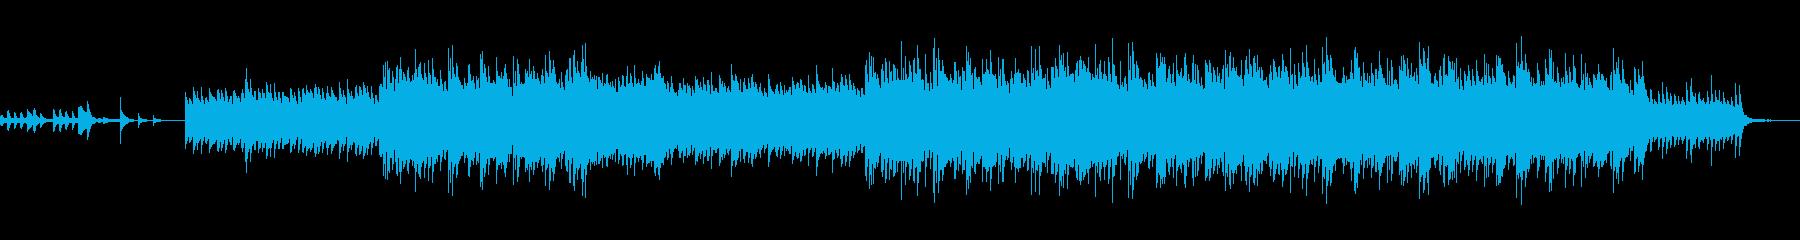 不思議で可愛い雰囲気のある楽曲の再生済みの波形